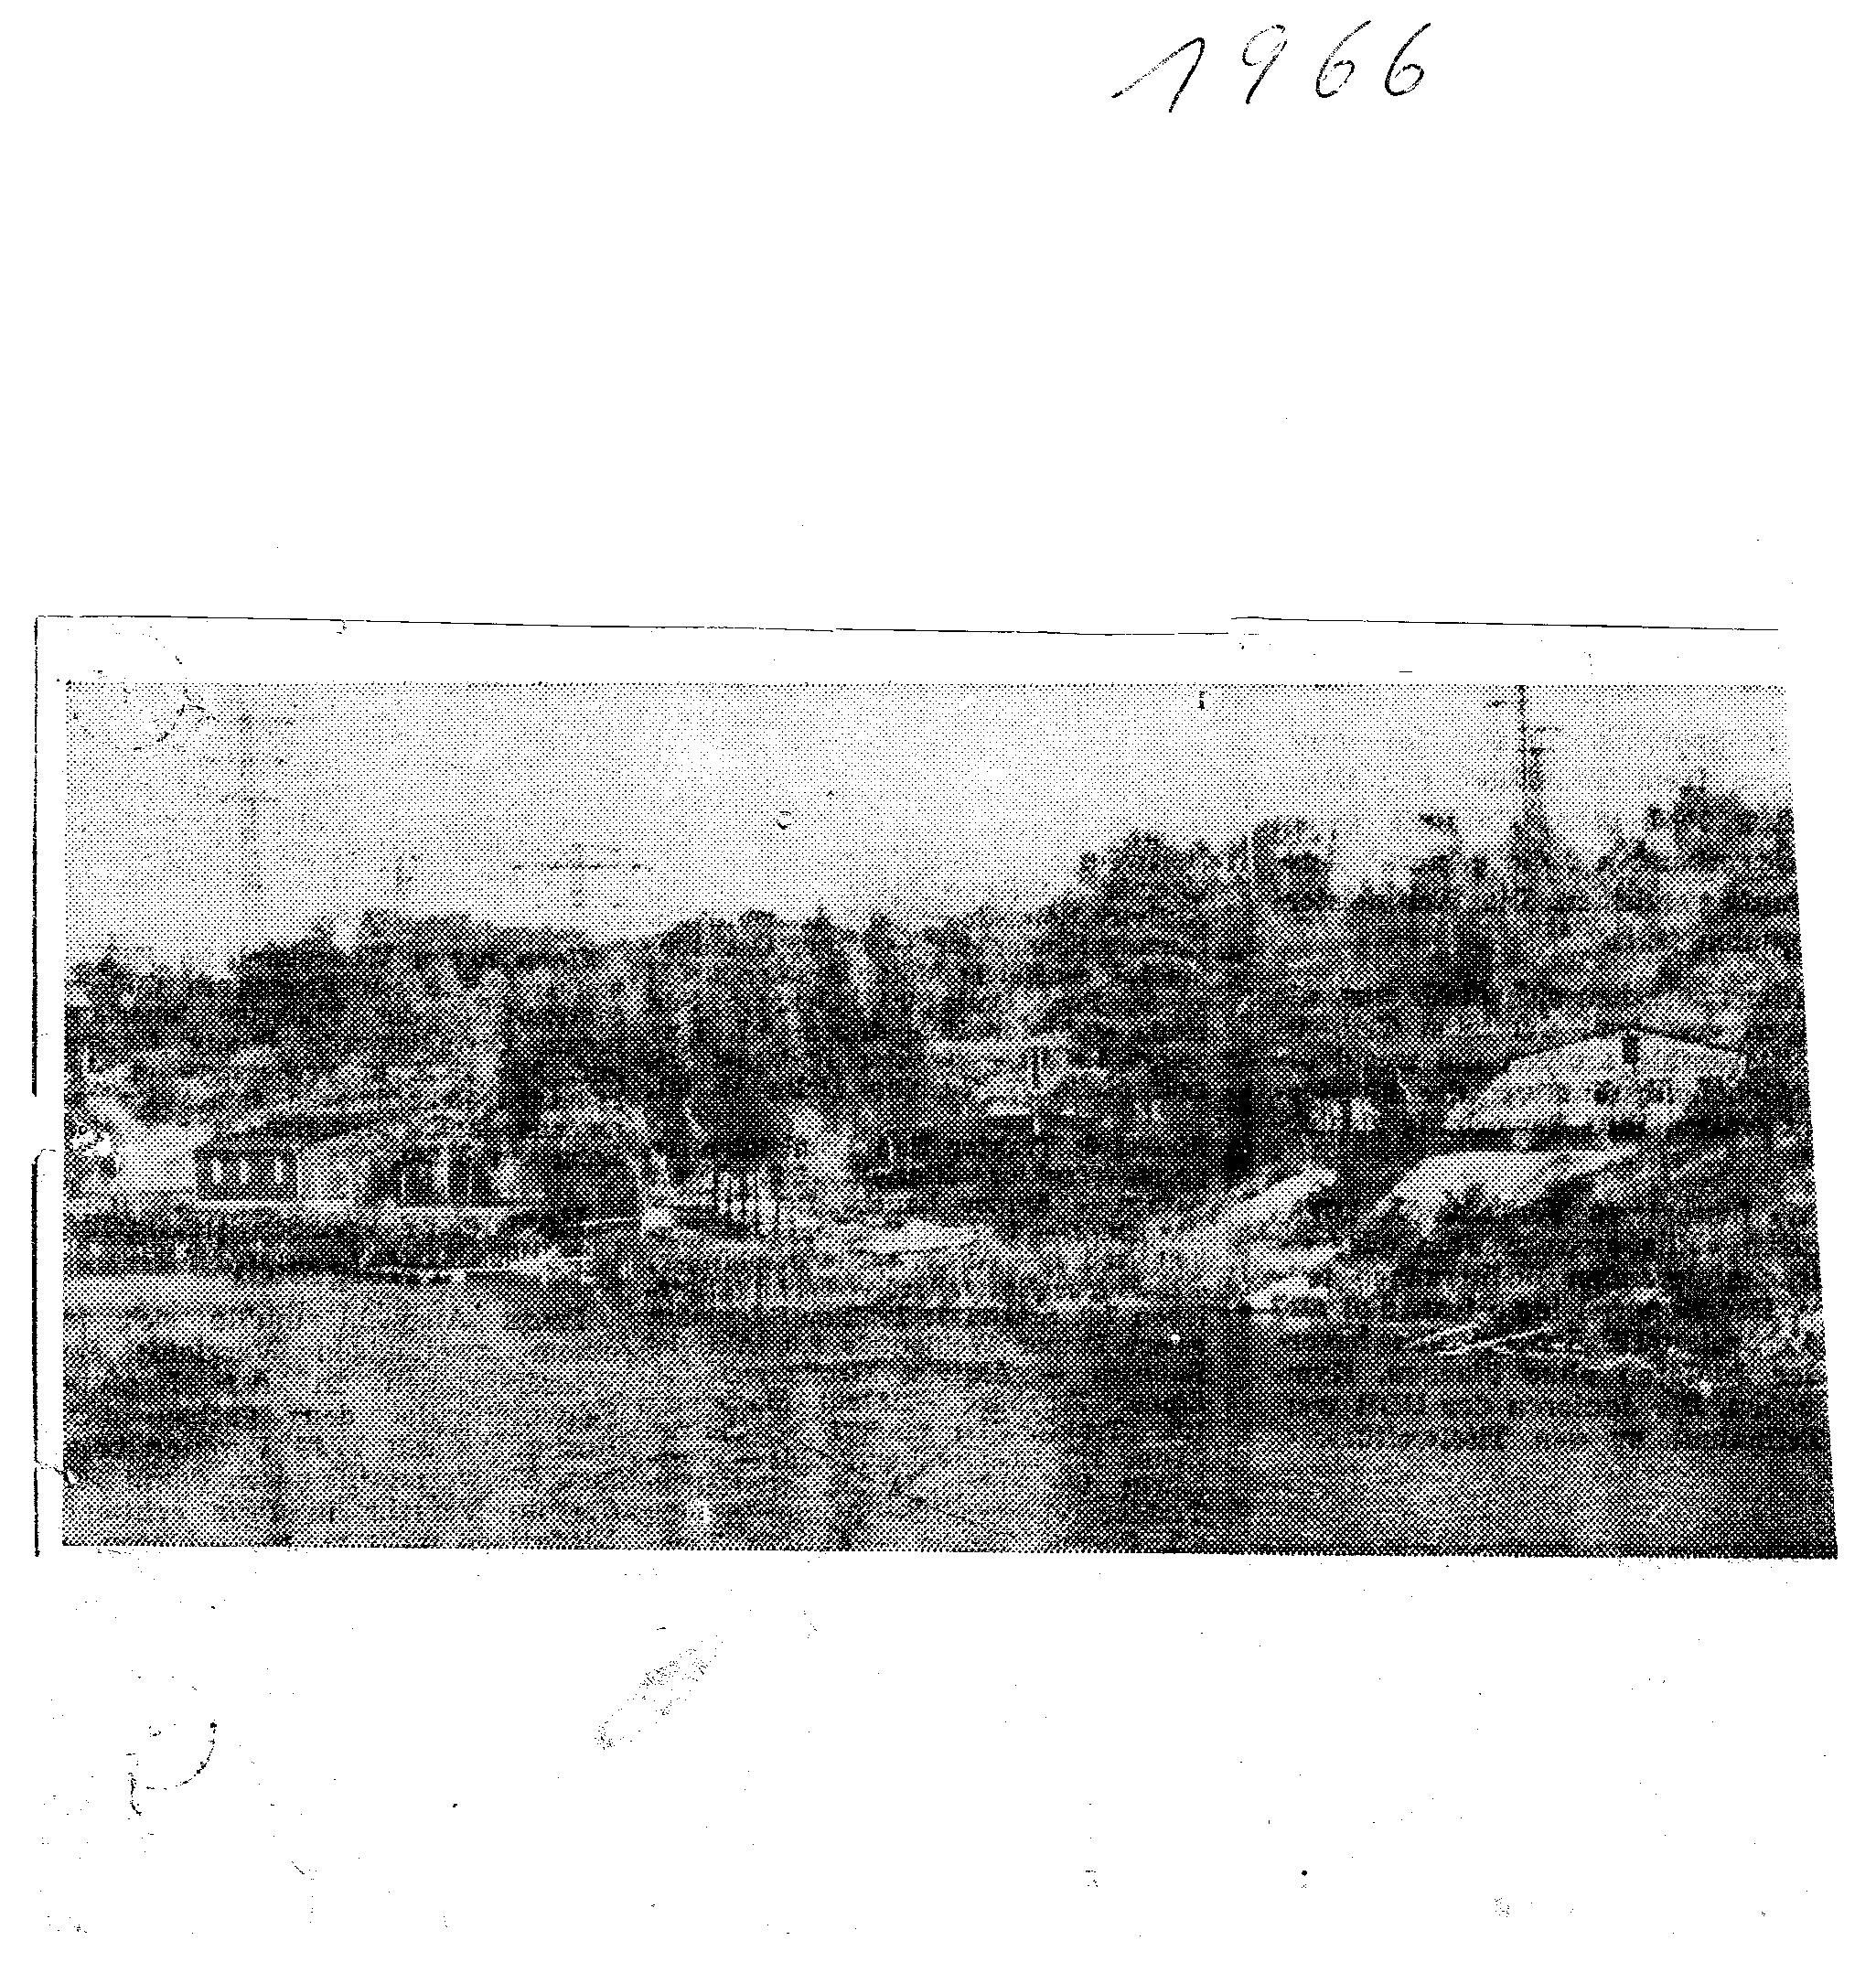 1966 Bild Ufer HKC